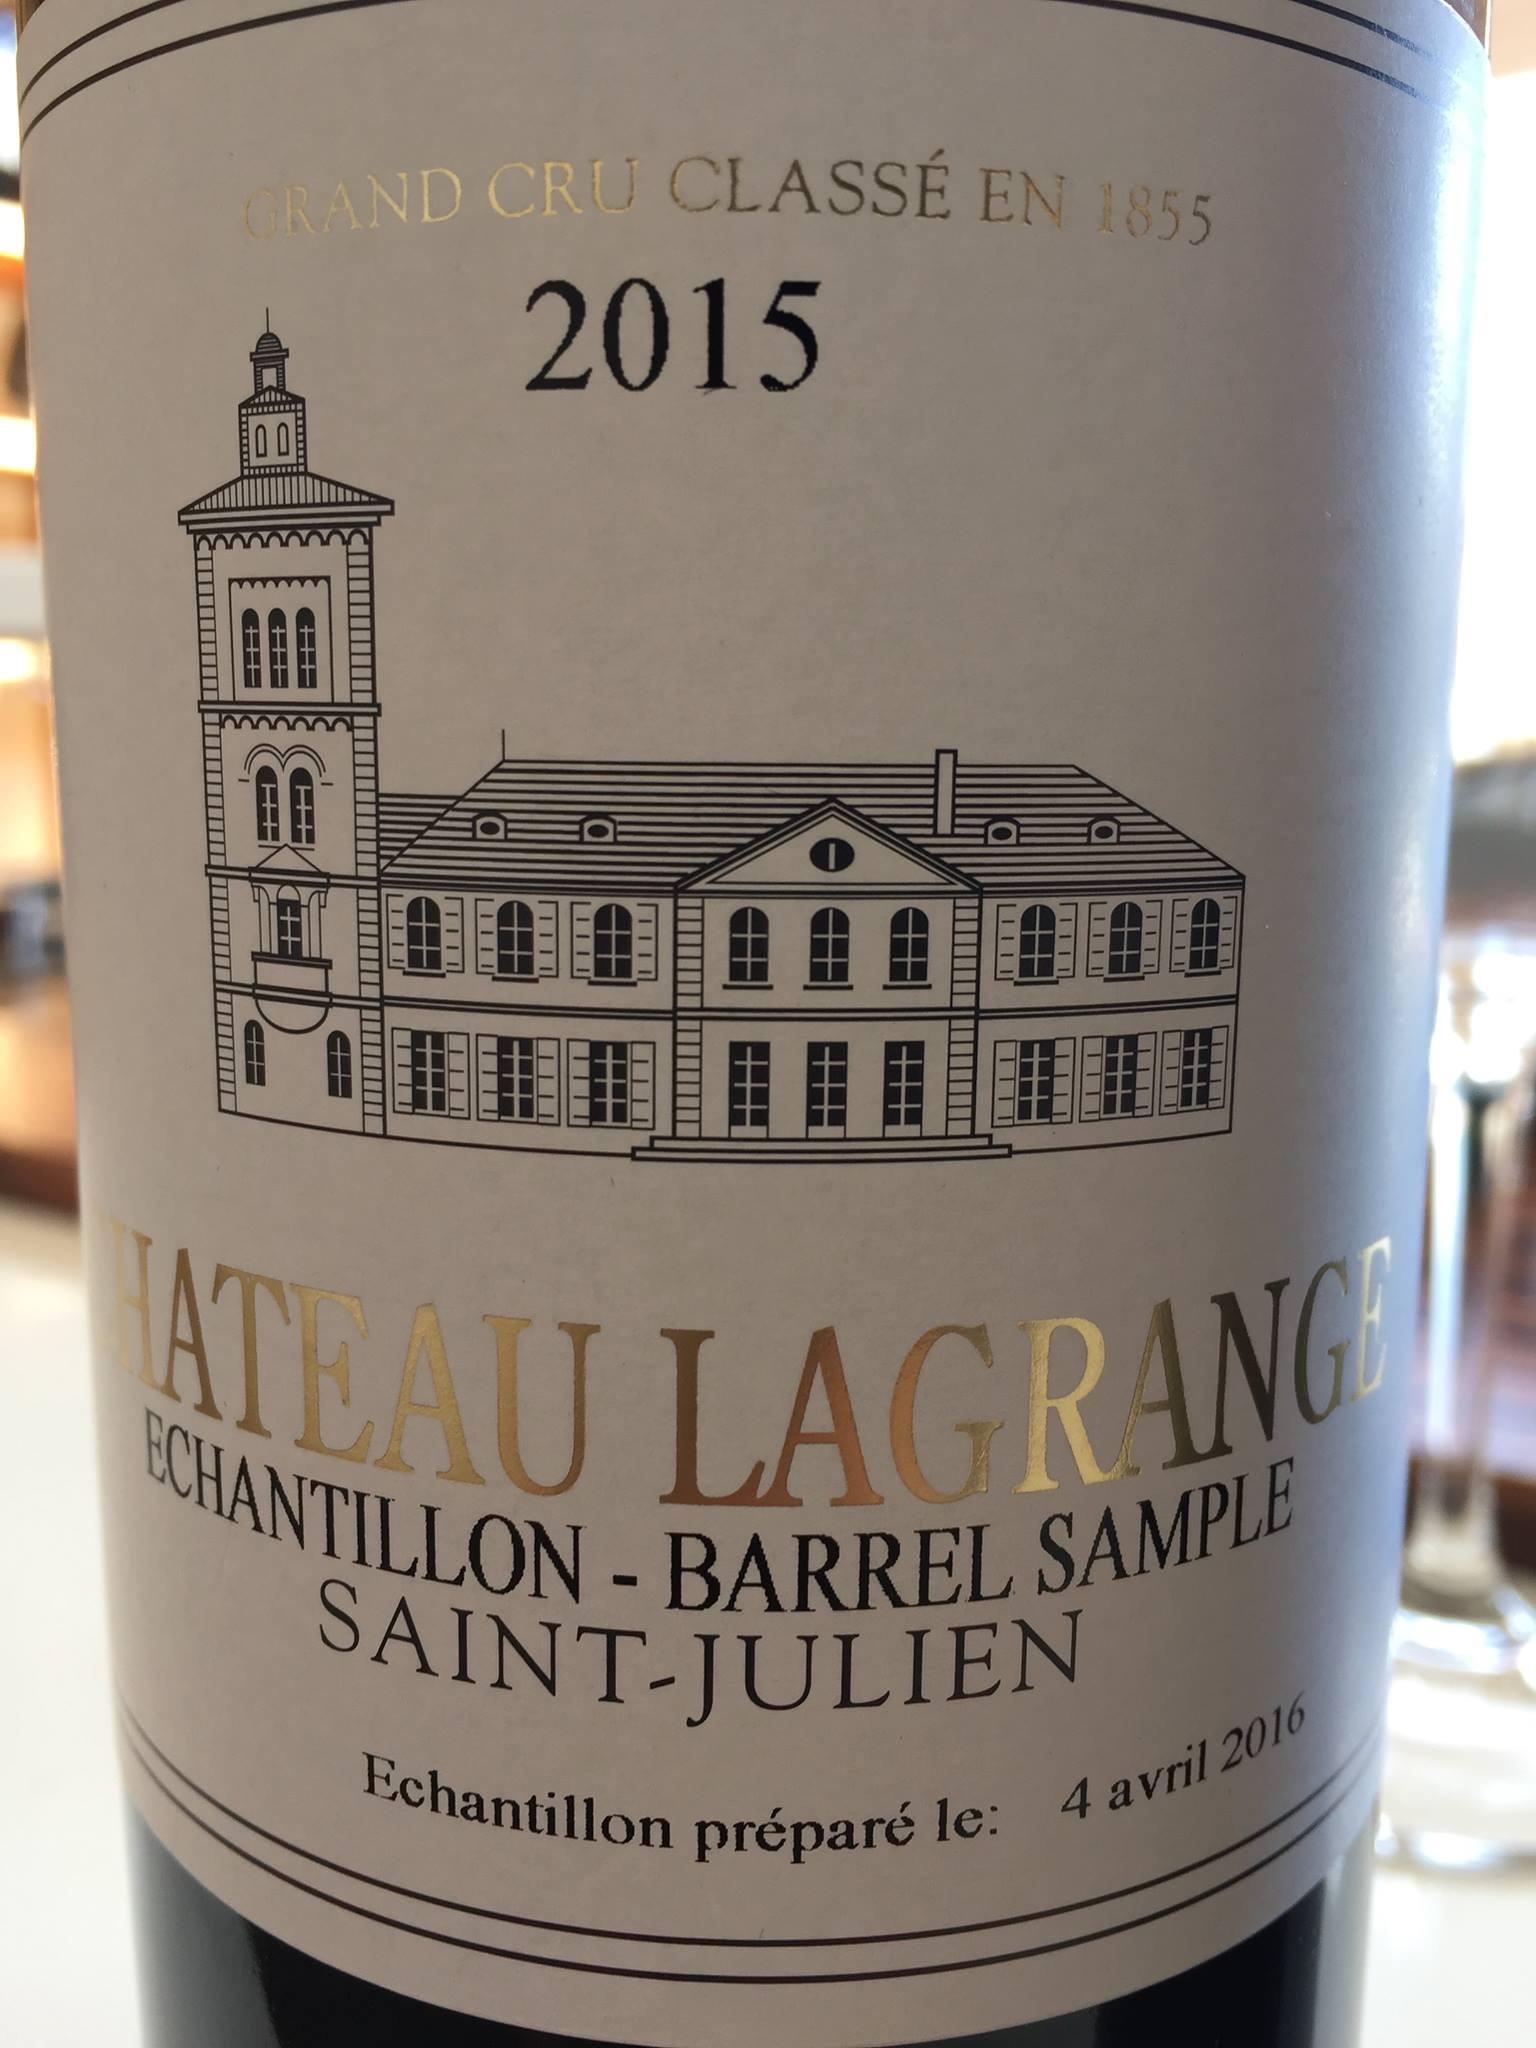 Château Lagrange 2015 – Saint-Julien, 3ème Grand Cru Classé